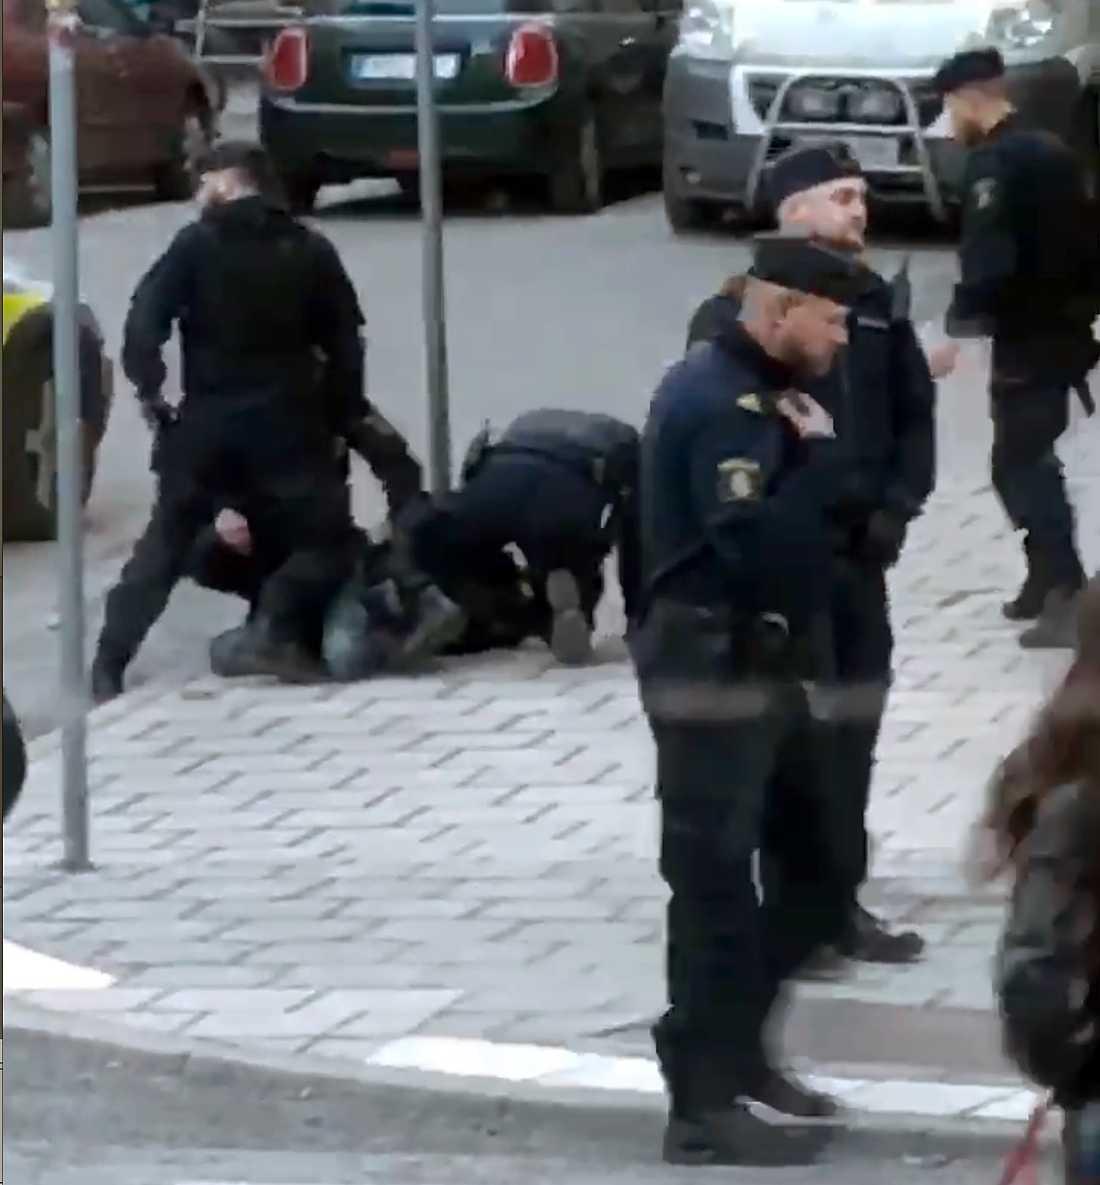 Här brottas skådespelaren Adam Pålsson ner av polis.